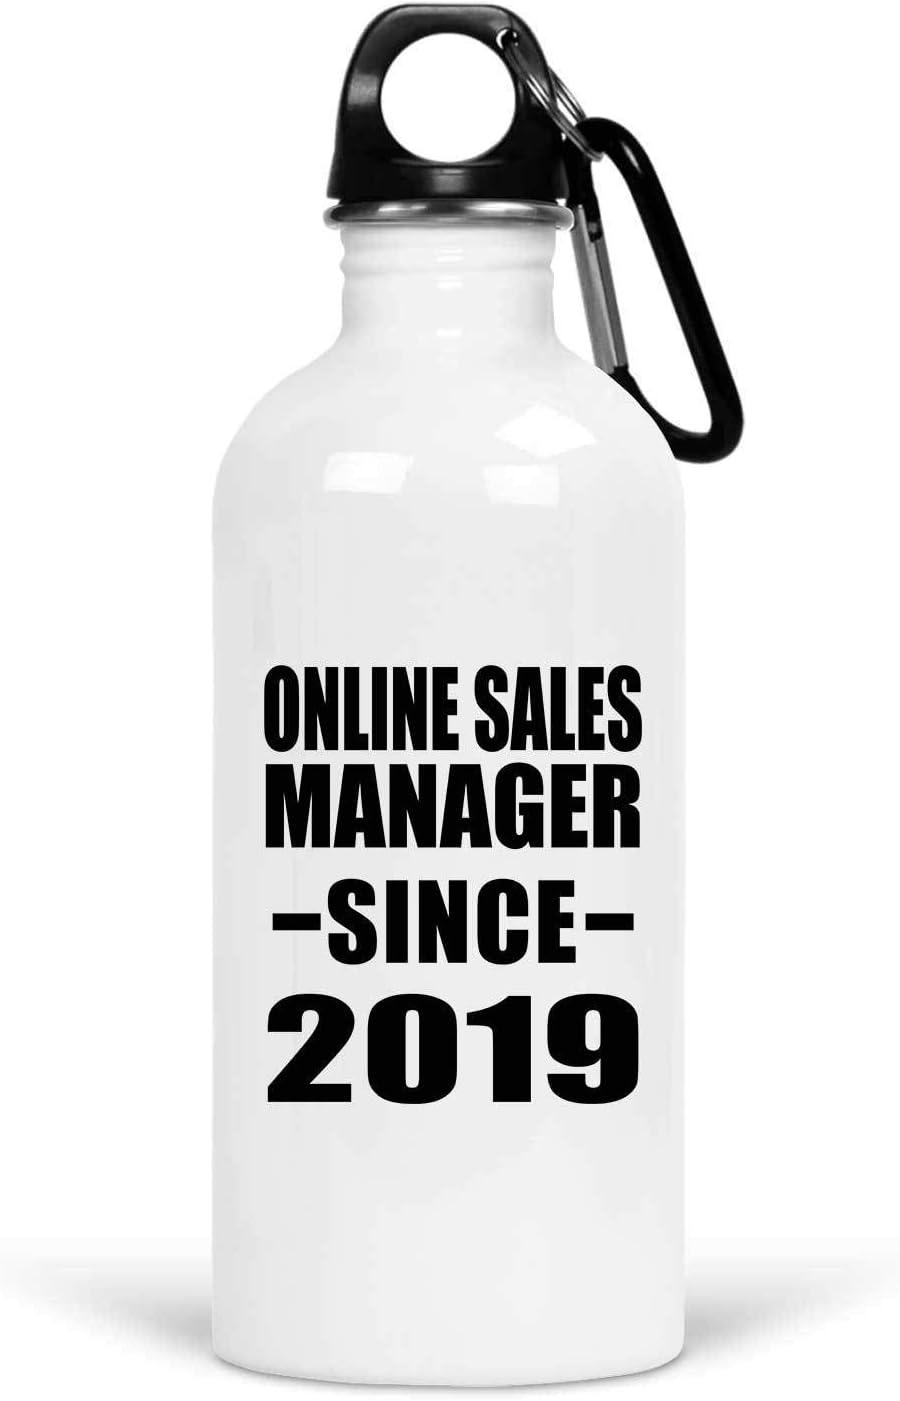 Designsify Online Sales Manager Since 2019-20oz Water Bottle Botella de Agua, Acero Inoxidable - Regalo para Cumpleaños Aniversario el Día de la Madre o del Padre